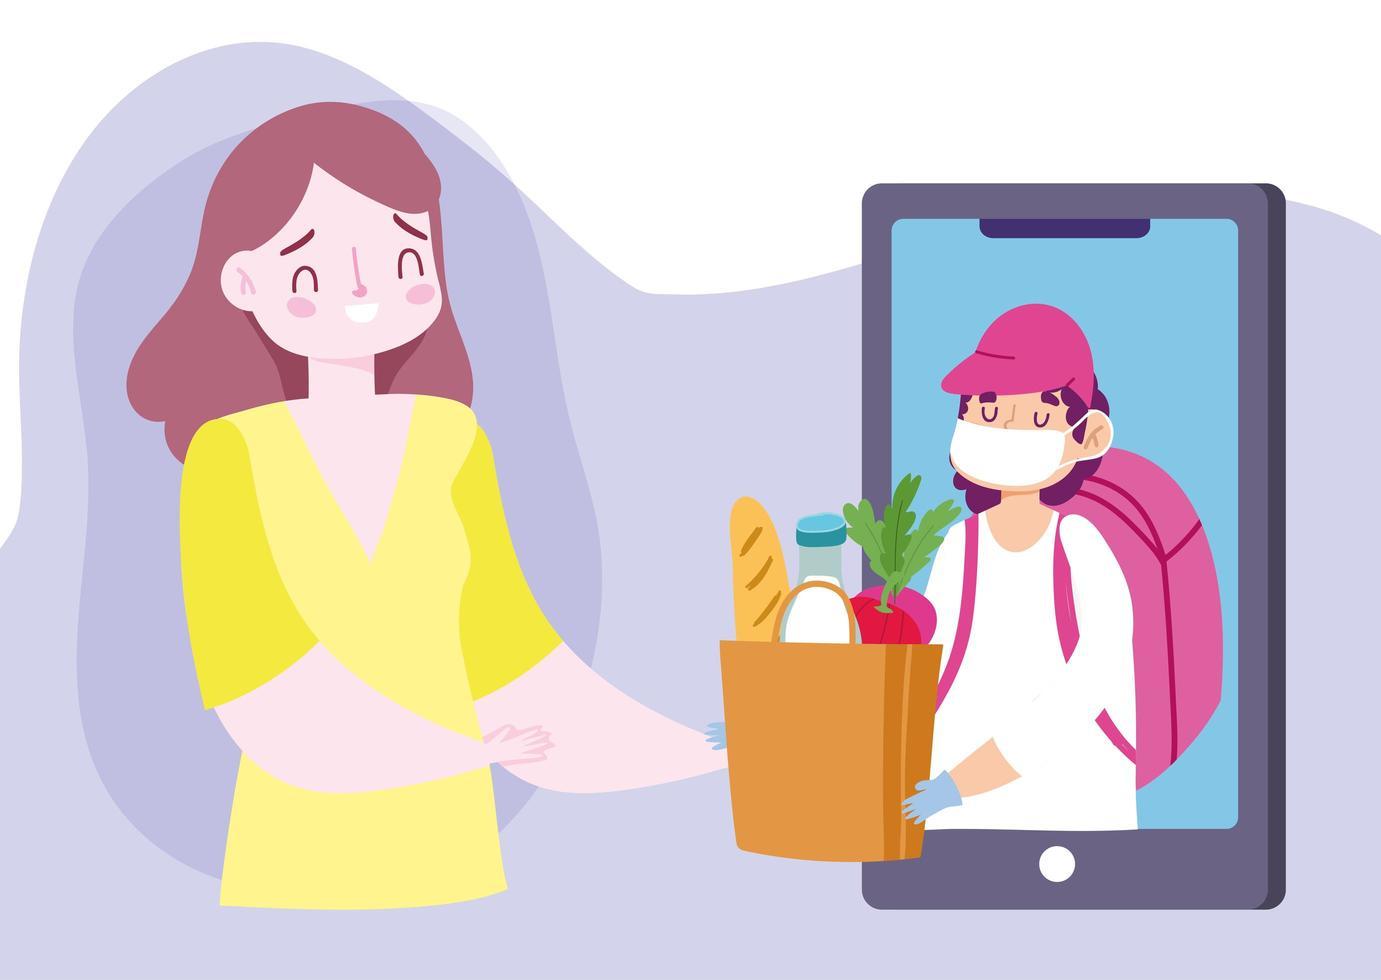 consegna sicura a casa durante il coronavirus covid-19, giovane donna con mercato alimentare online per smartphone vettore